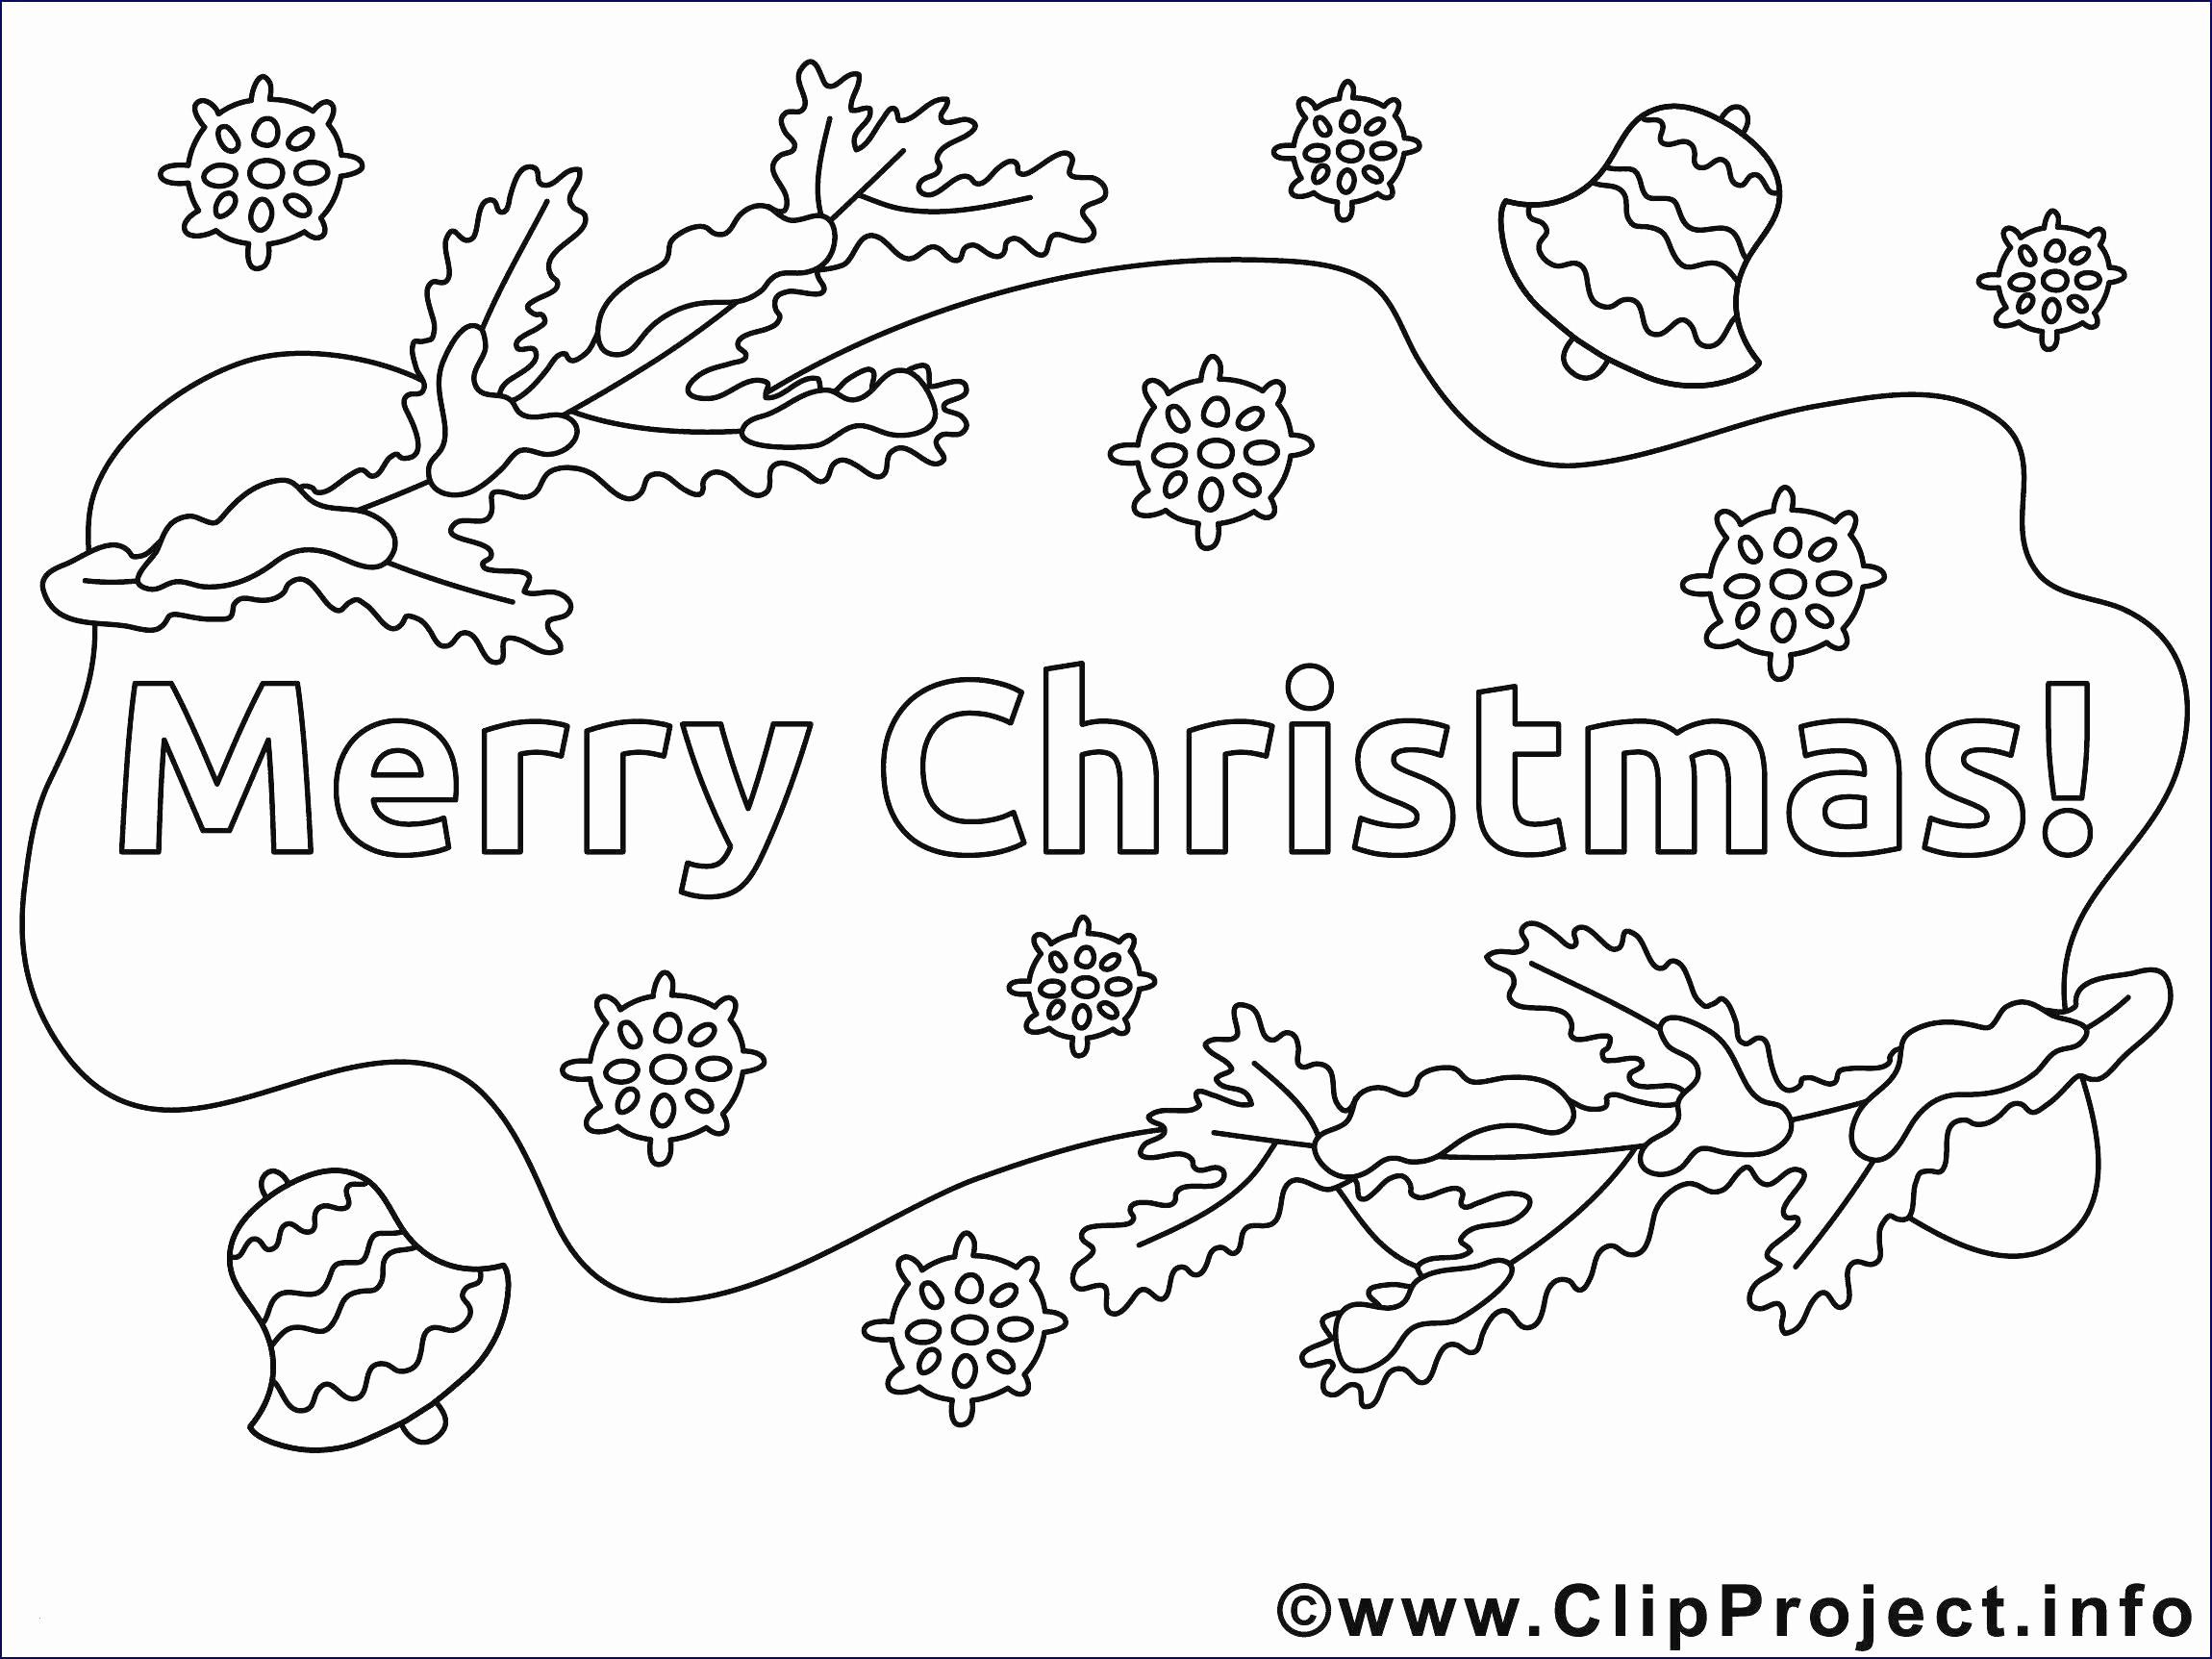 Ausmalbilder Weihnachten Für Erwachsene Frisch Mandalas Zum Ausdrucken Für Kinder Luxus Ausmalbilder Stock